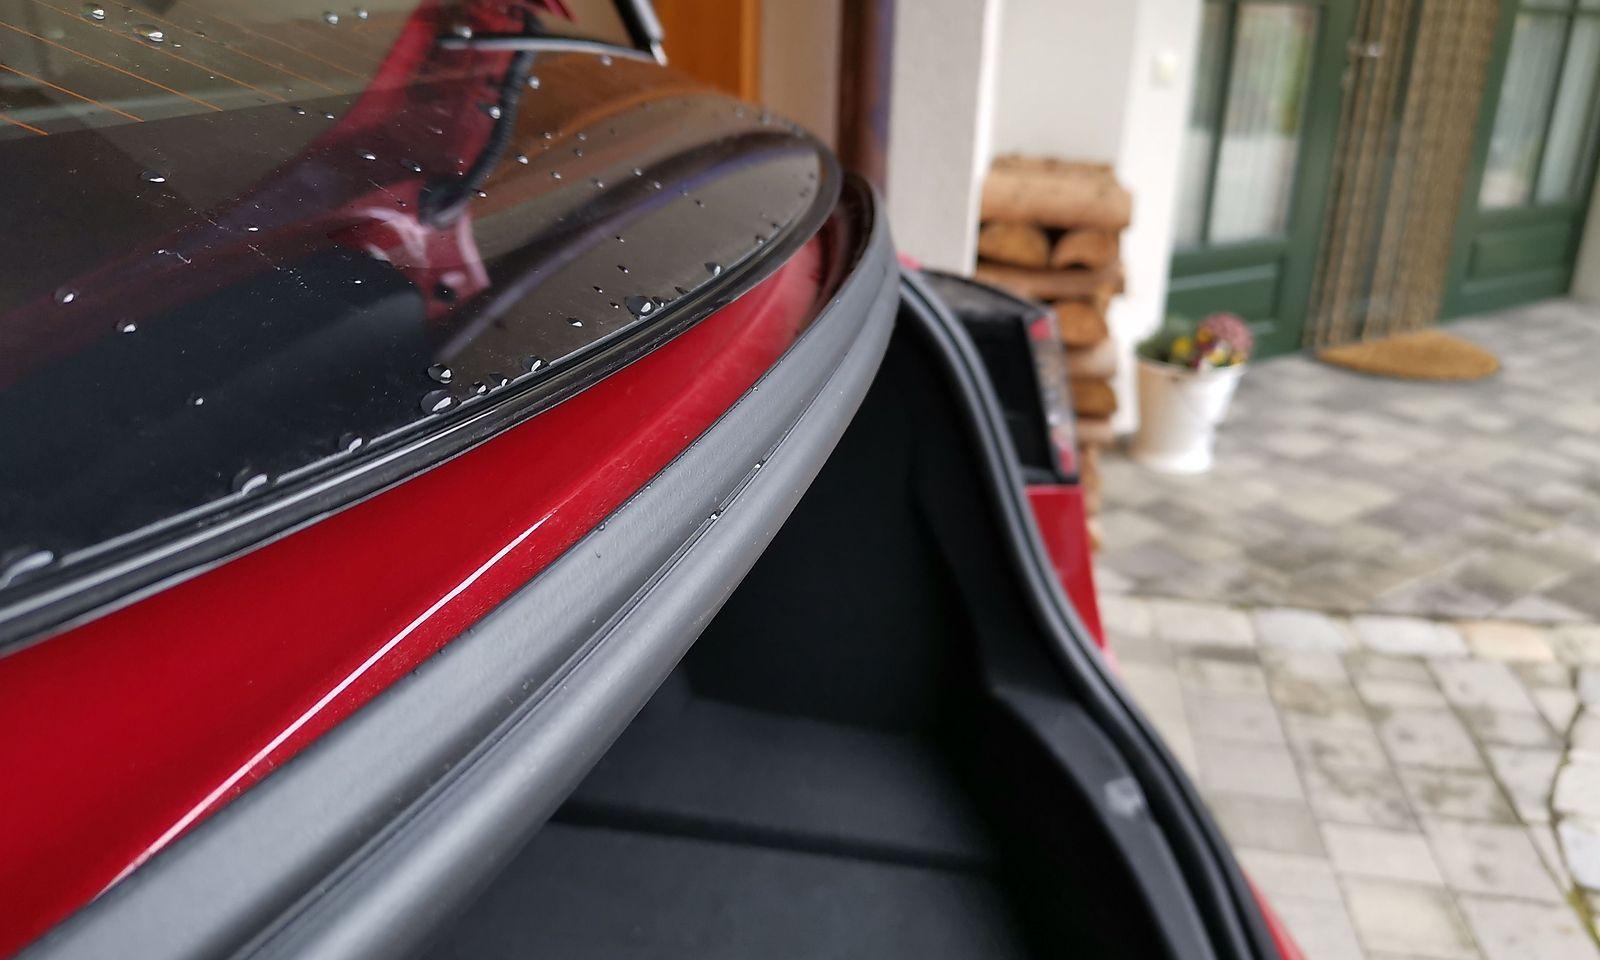 Rinnt das Wasser zu schnell die Heckscheibe hinunter, landet es im Kofferraum.